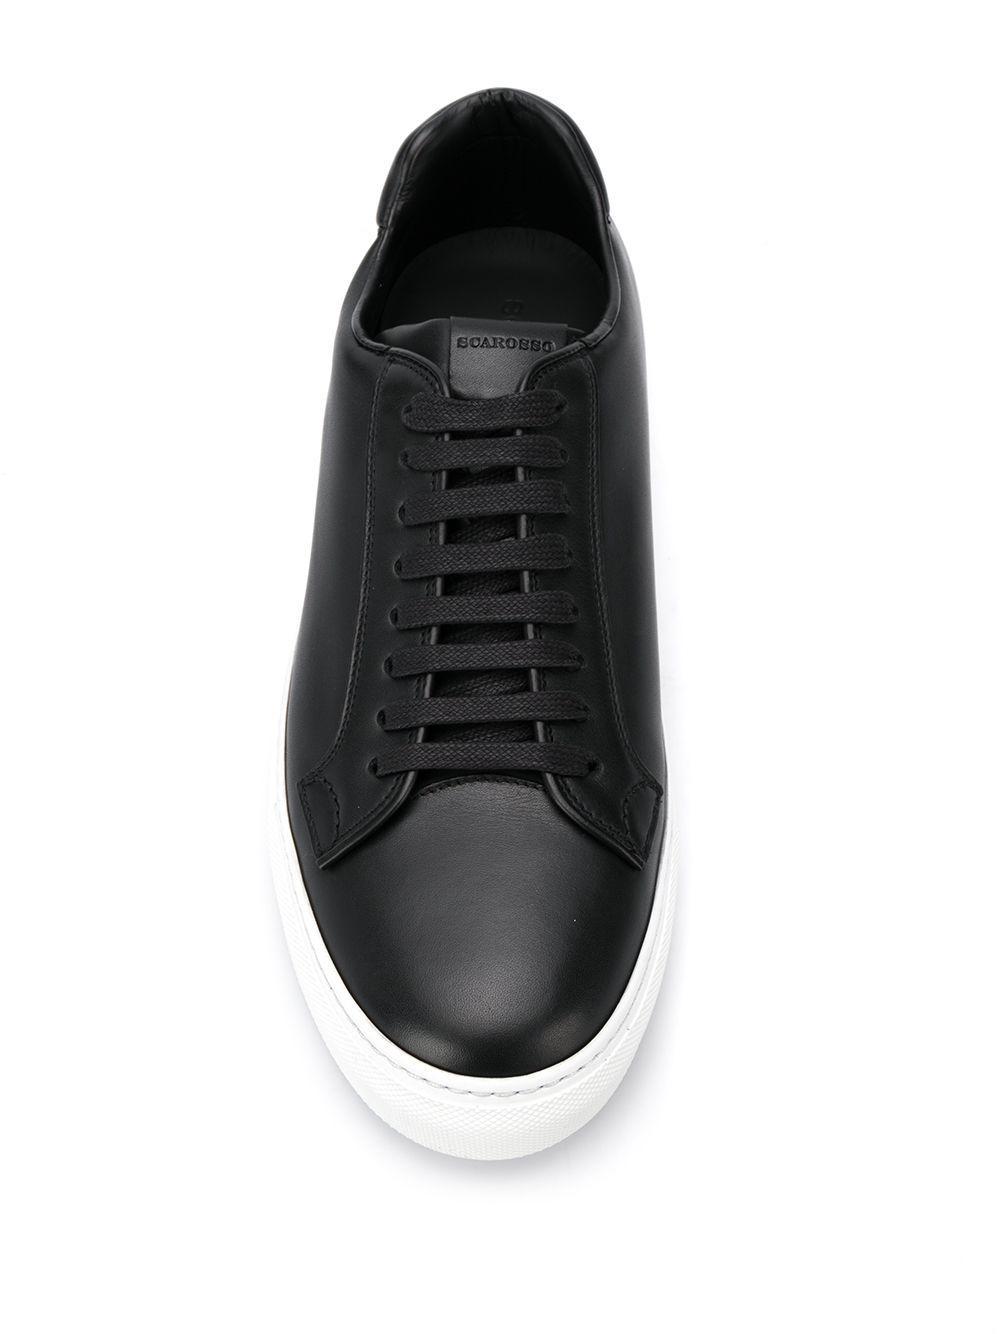 Zapatillas bajas SCAROSSO de Cuero de color Negro para hombre